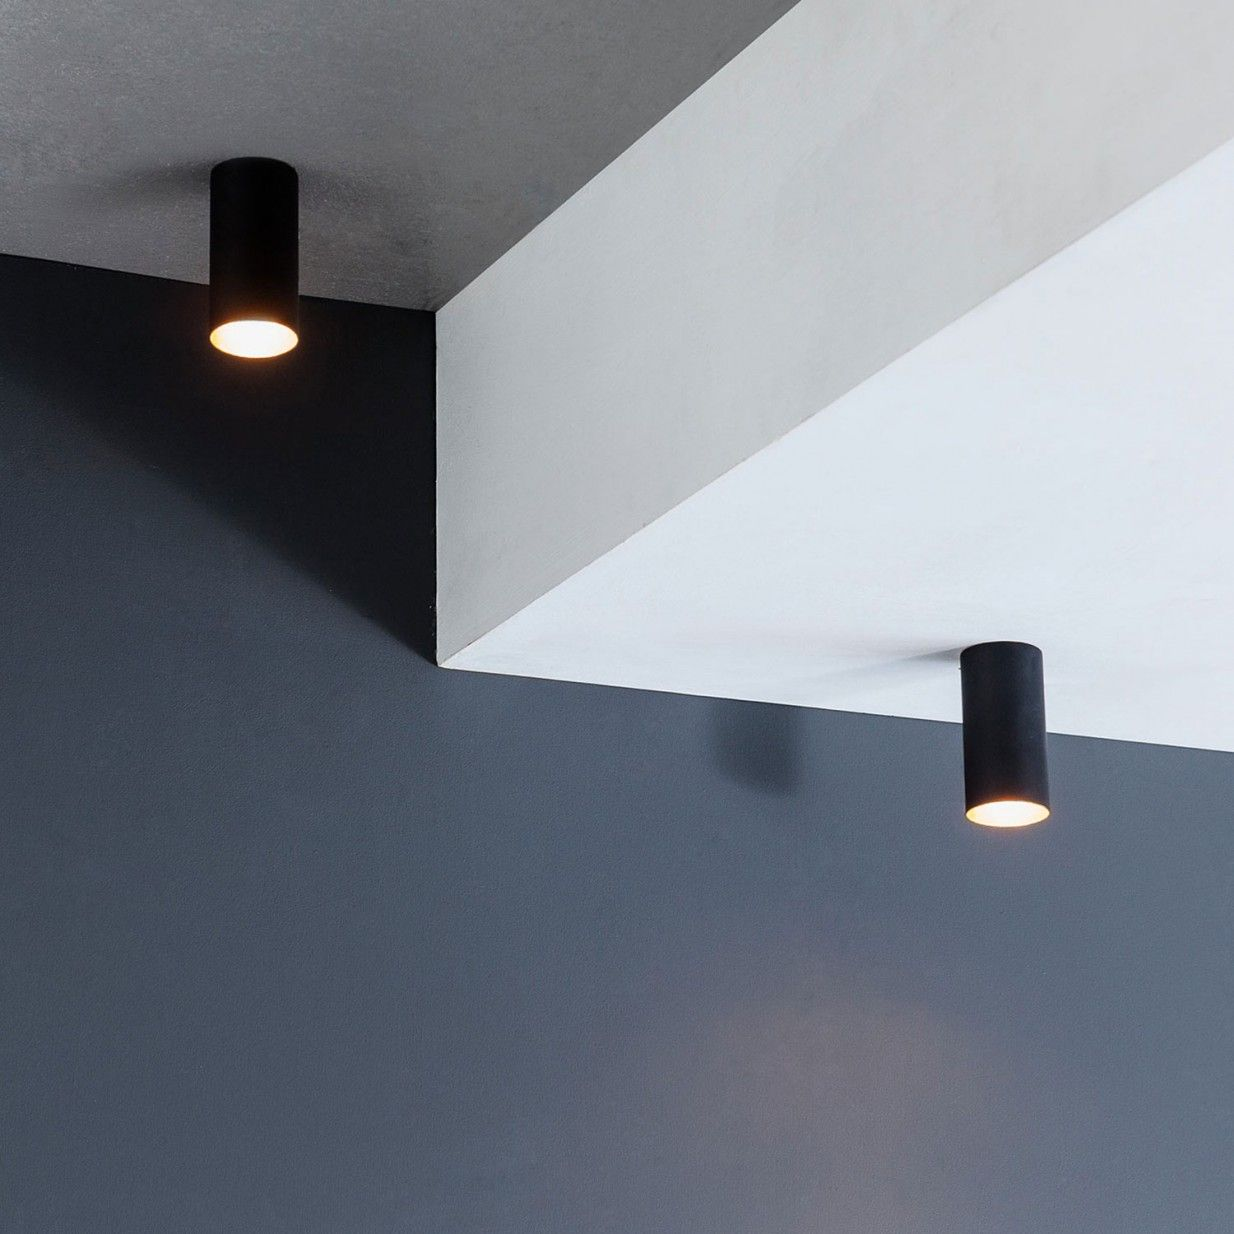 3 Round Leuchten Sw Gold Lampenhaus Lampen Deckenleuchten Deckenlampe